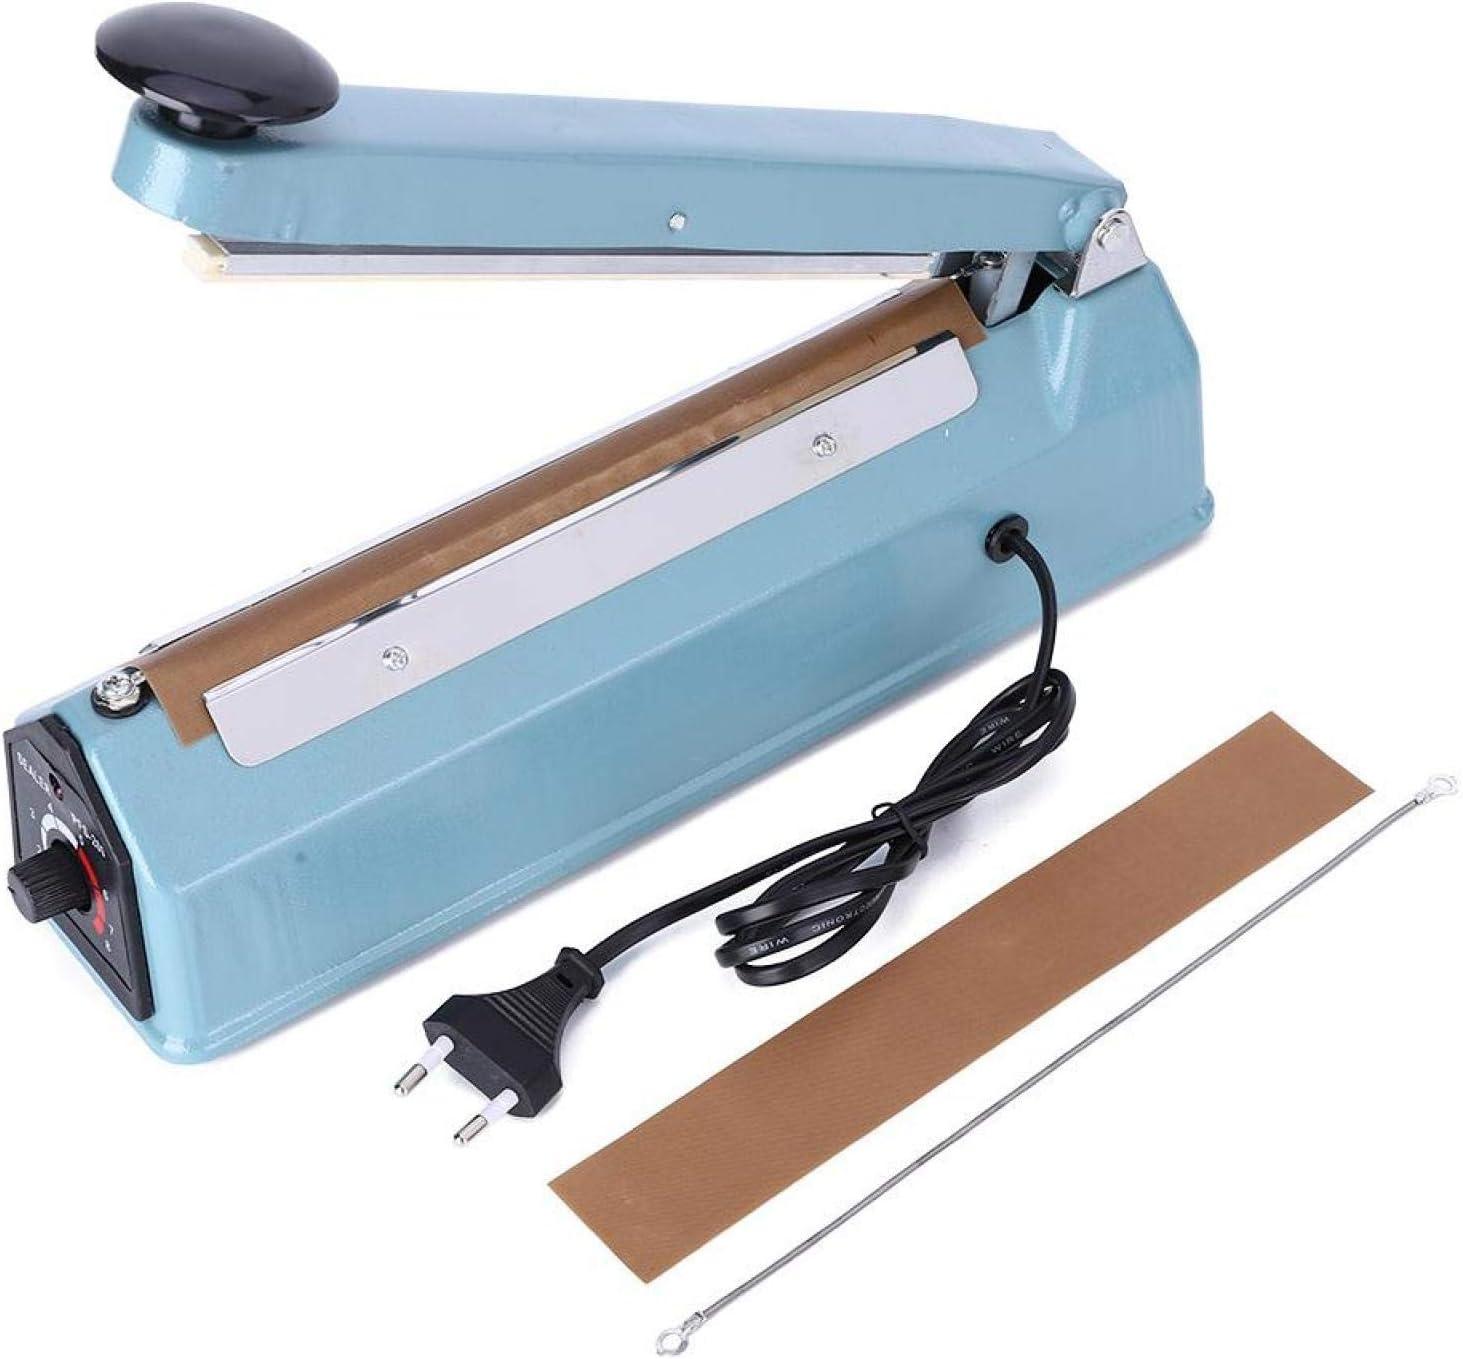 Impulse Sealer Sellador de embalaje ligero manual de 8 pulgadas, máquina de sellado, para películas de PP Bolsas de uso doméstico Uso de almacén(European standard 220V)